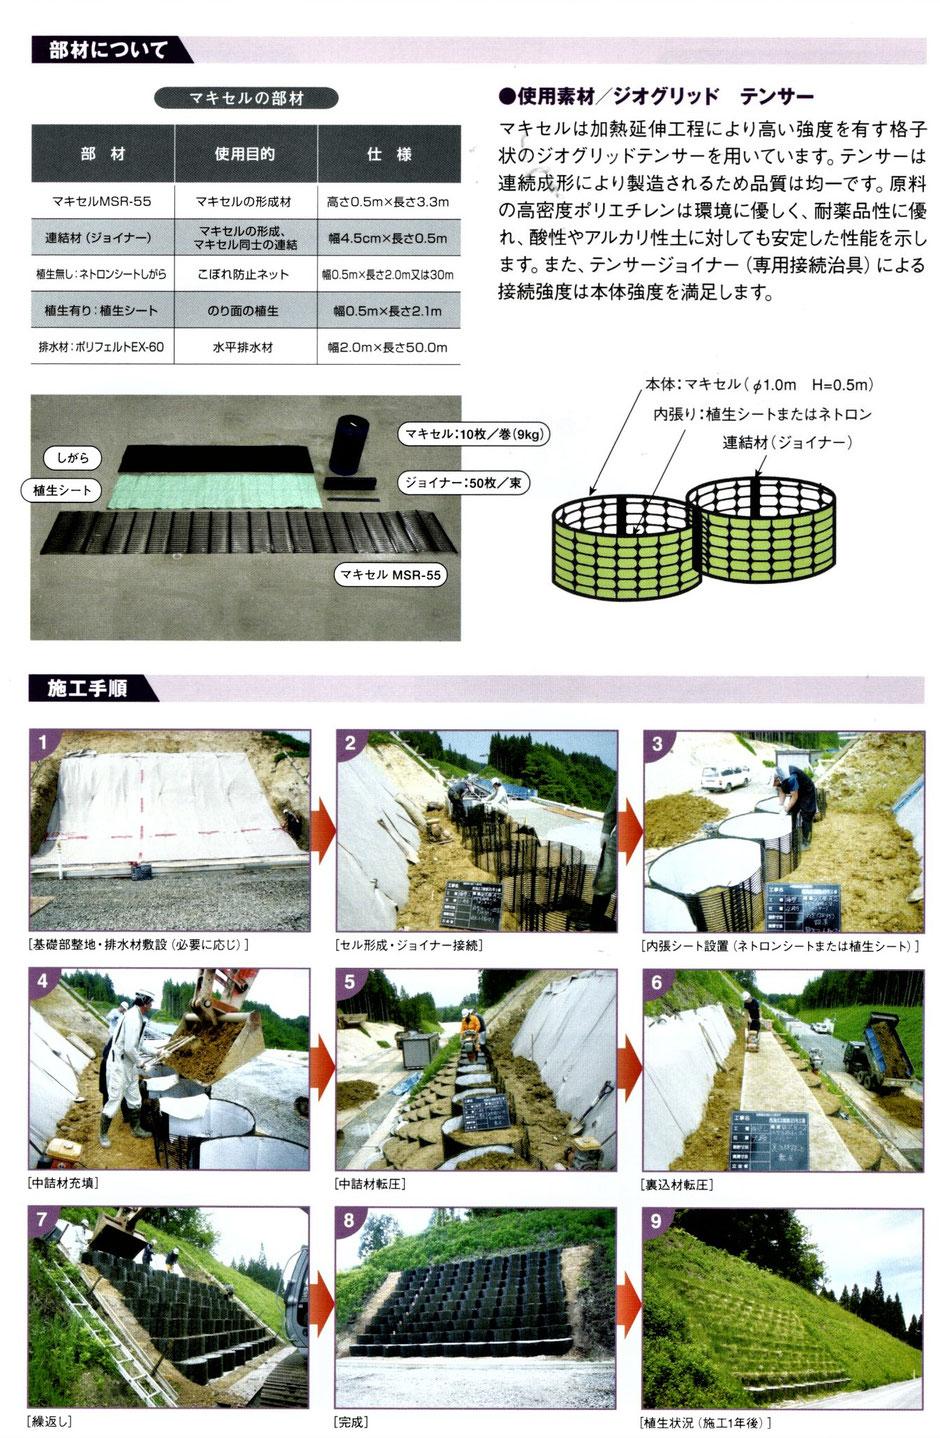 プラスチック製のふとんかごである、マキセル工法に使用される材料を写真付きでご紹介します。